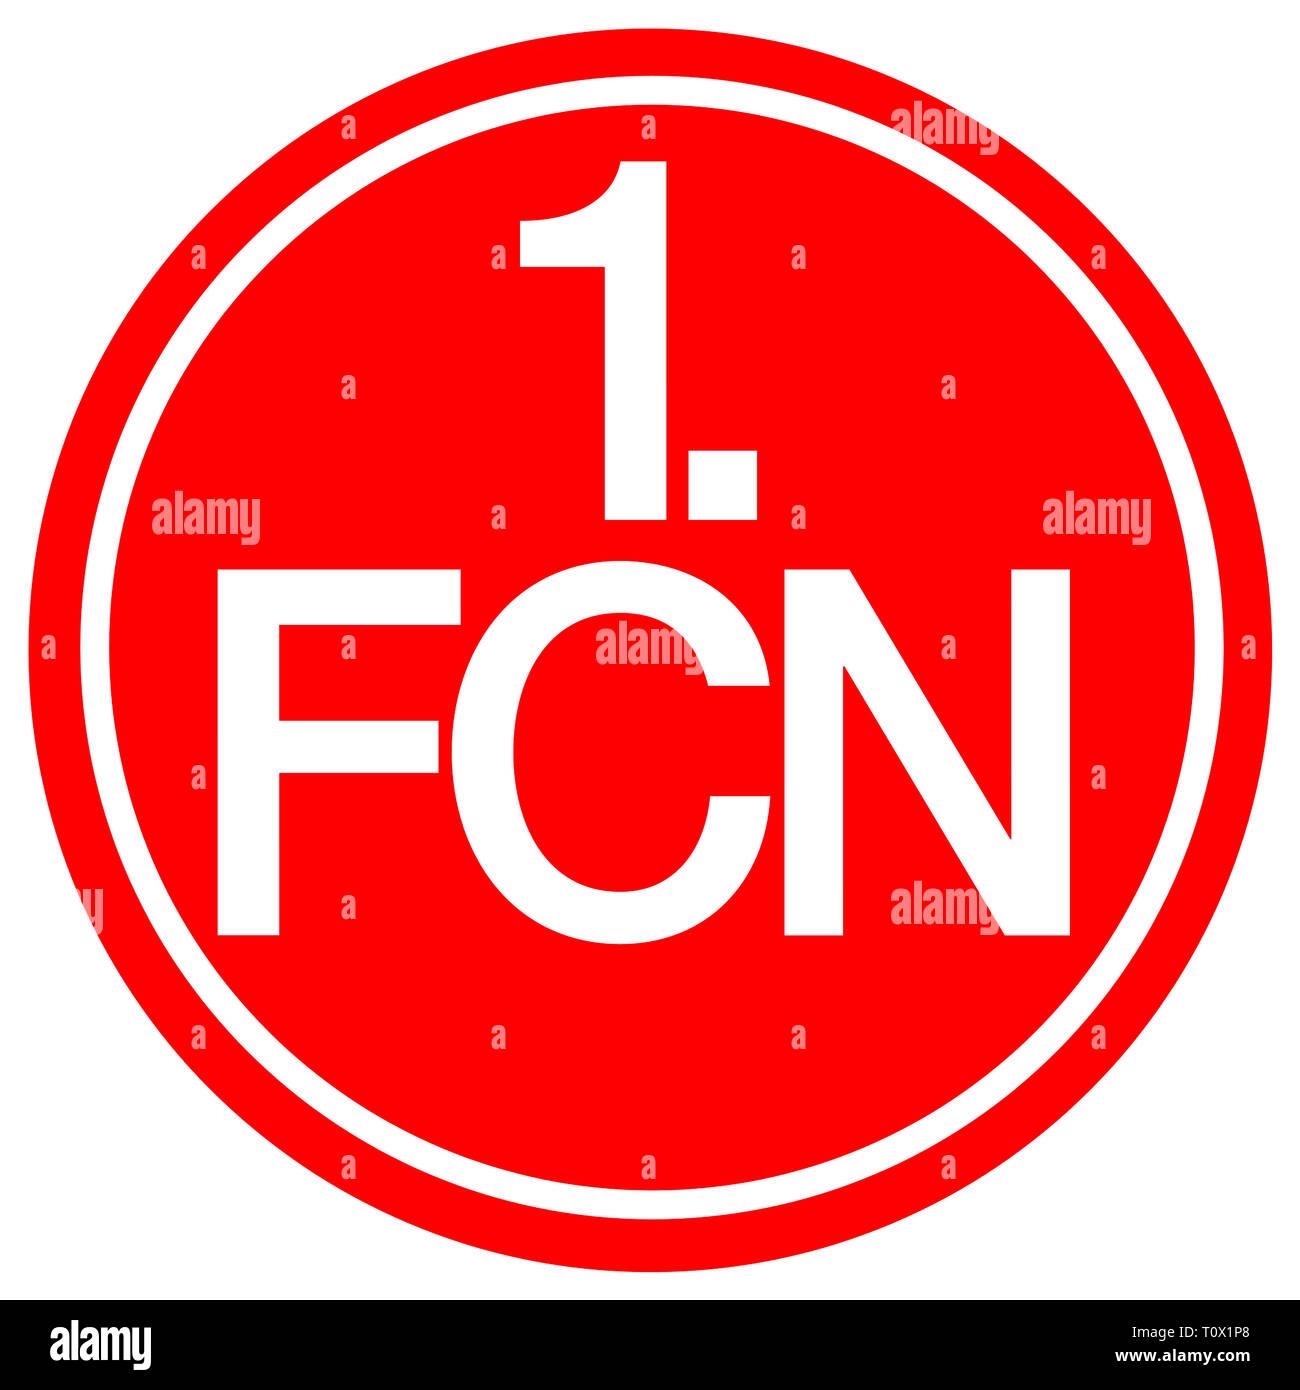 Logo der Deutschen Fußball-Nationalmannschaft 1. FC Nuernberg - Deutschland. Stockbild